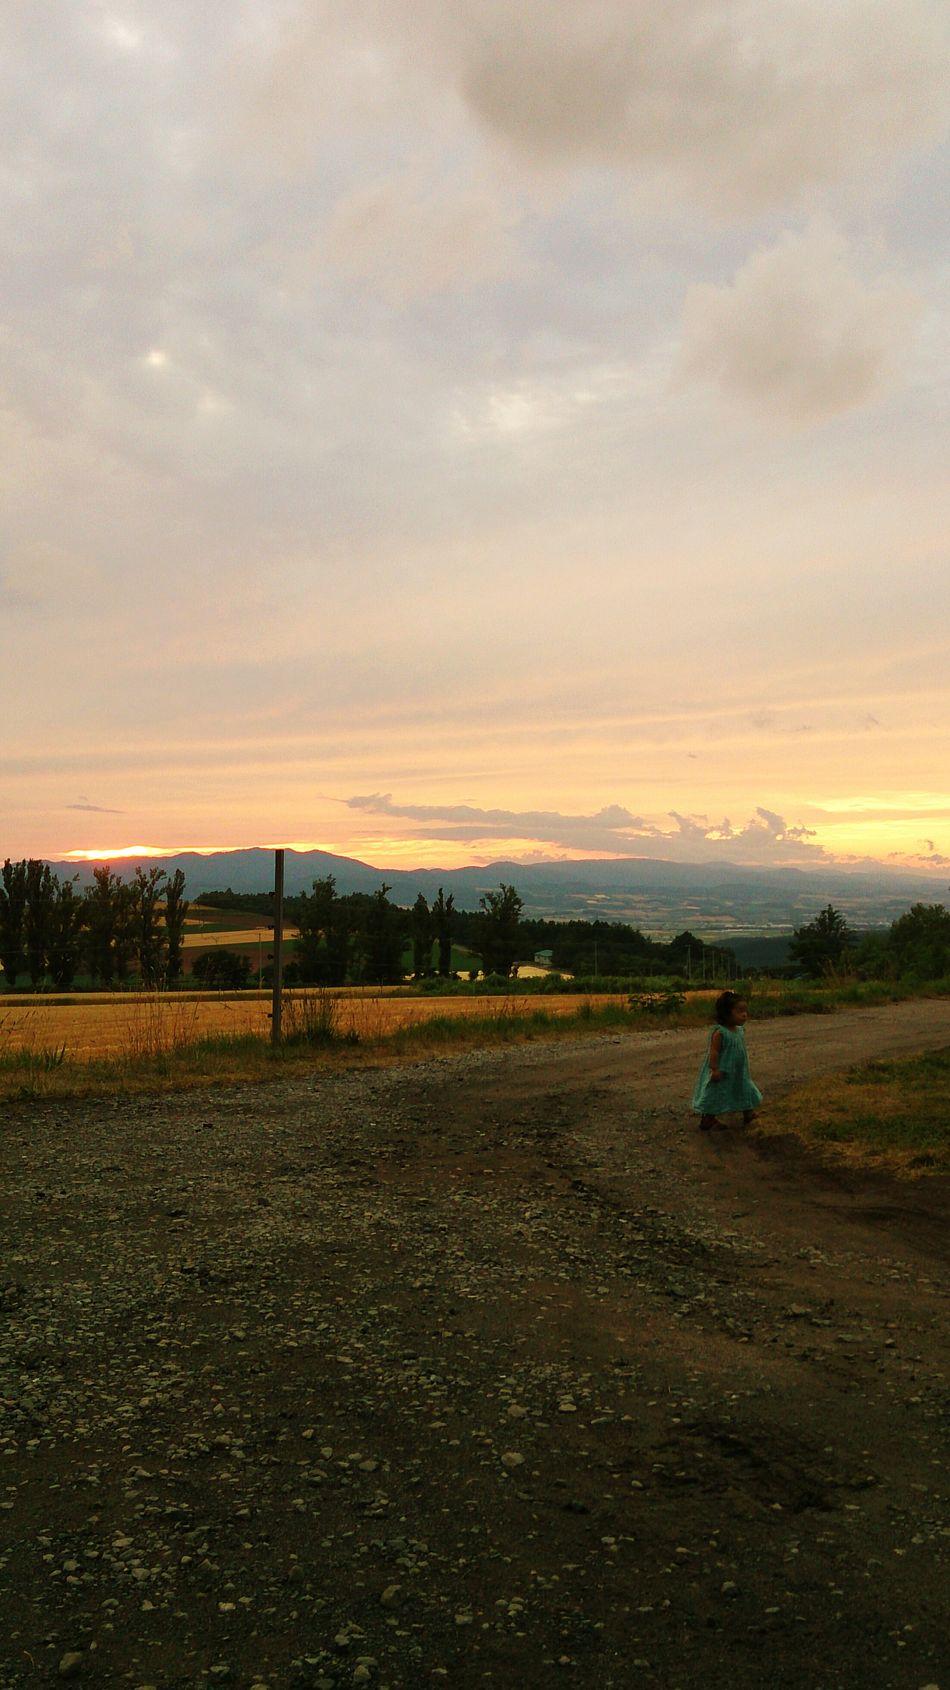 北海道 富良野 Japanese  Hokkaido 夕焼け 女の子 Sunset Girl Field Outdoor Beauty In Nature Golden Hour Magic Hour Miles Away